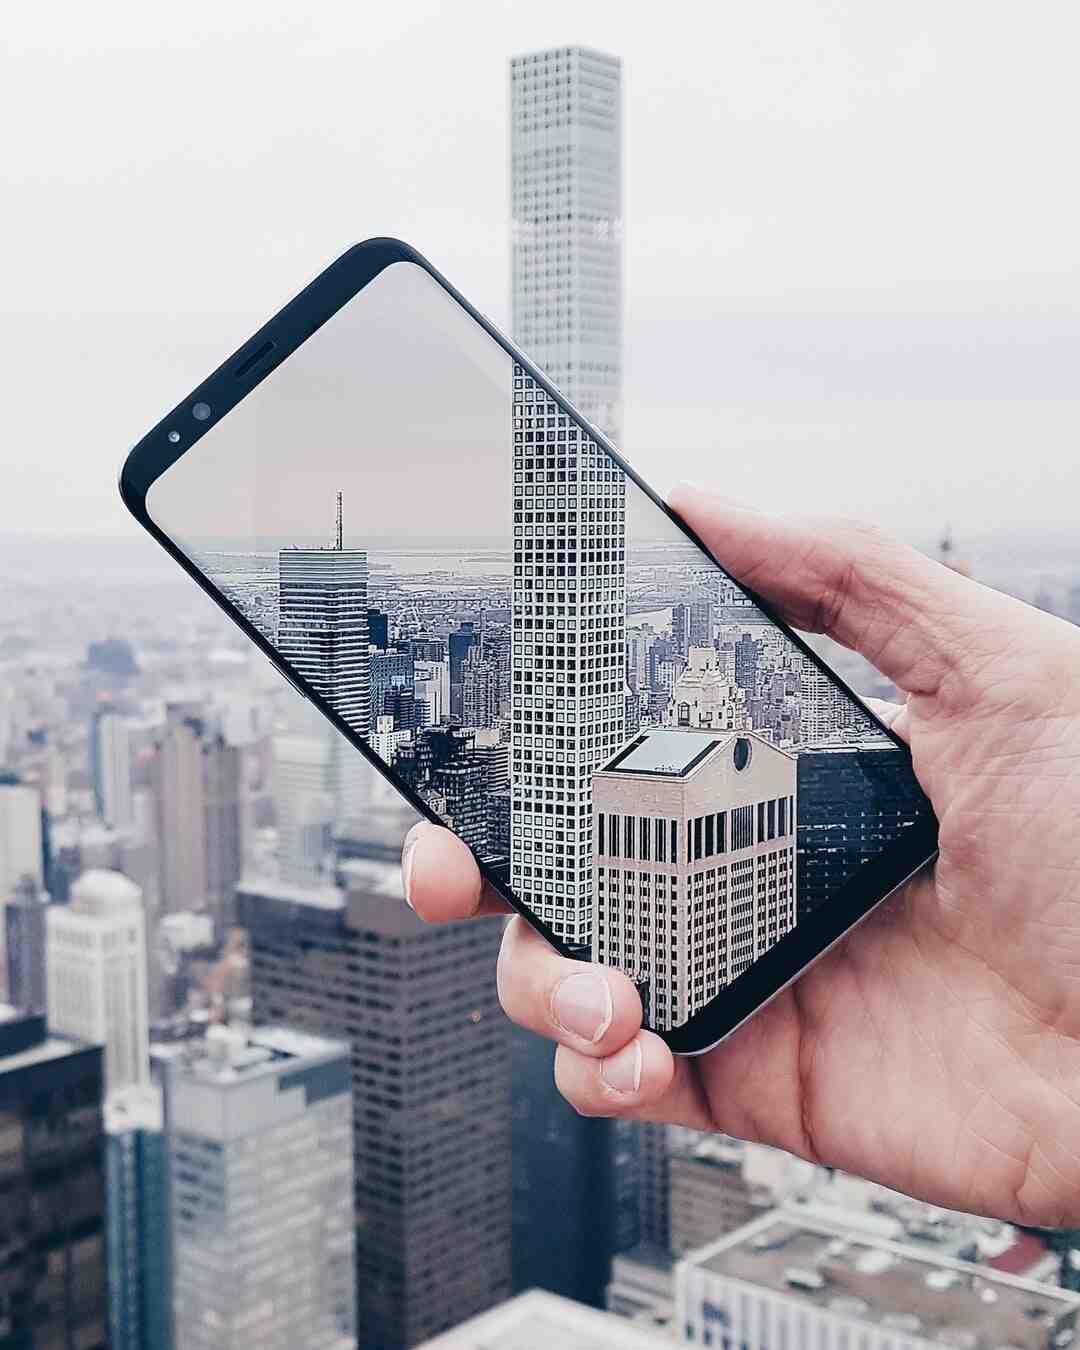 Quand sortira le prochain Samsung Galaxy ?